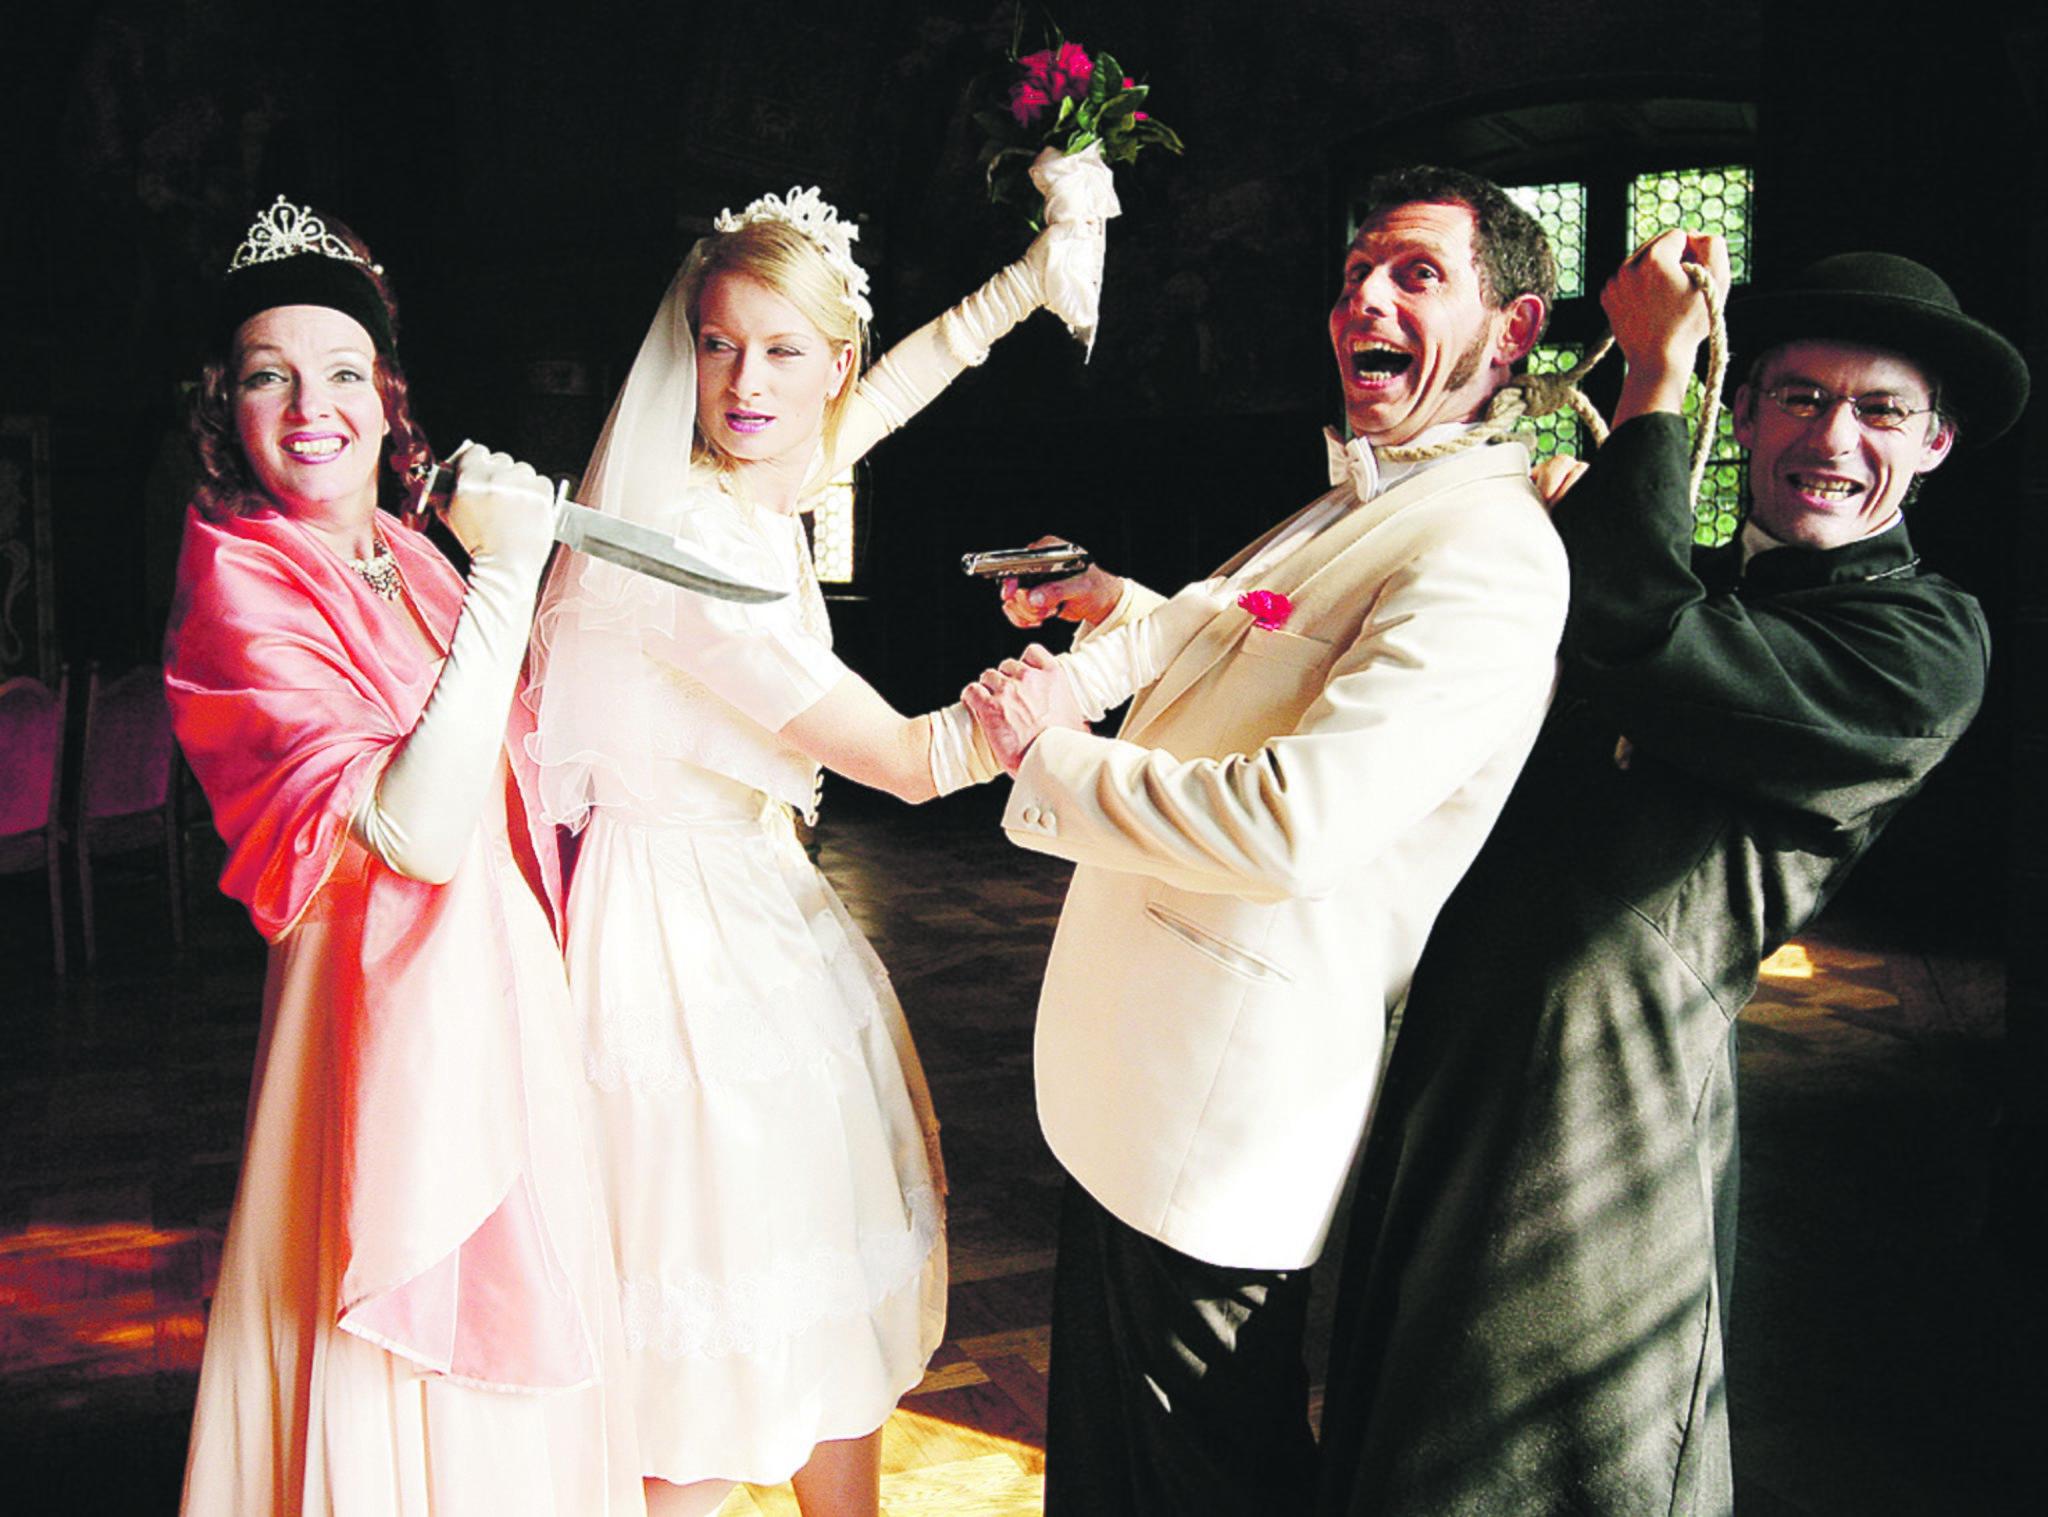 Morderische Hochzeit Gewinnen Sie 2x2 Tickets Mulheim An Der Ruhr